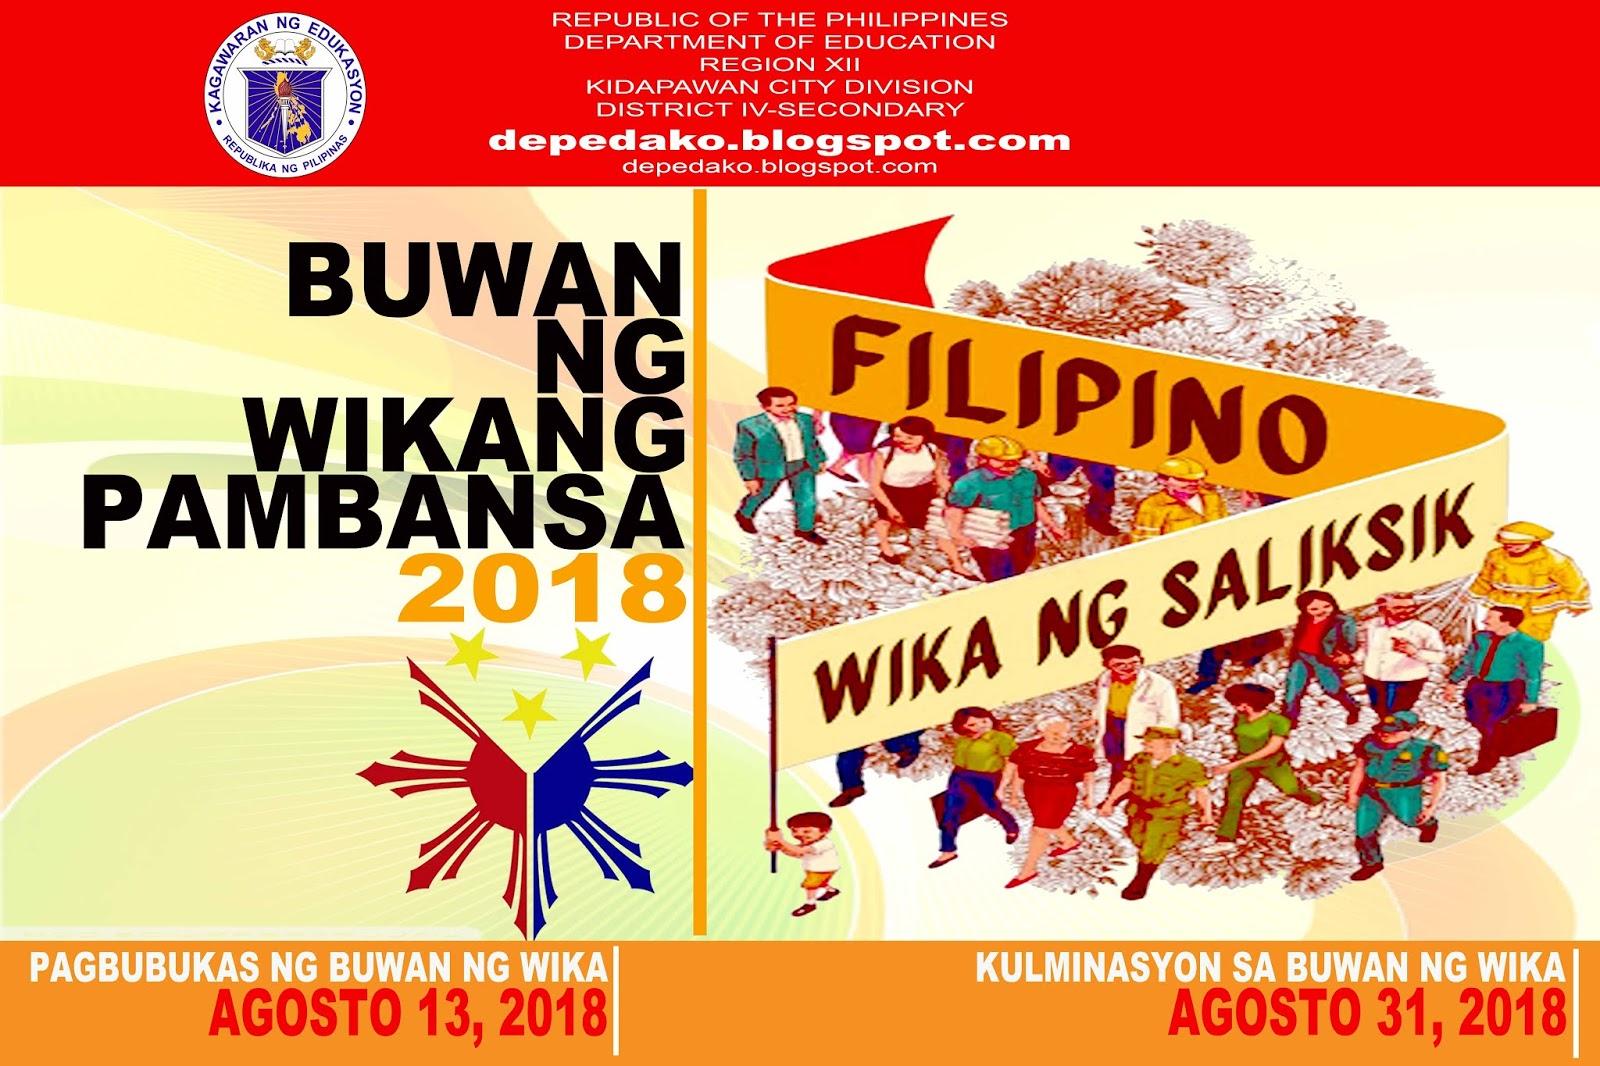 Free Download! Buwan ng Wika 2018 theme, official memo